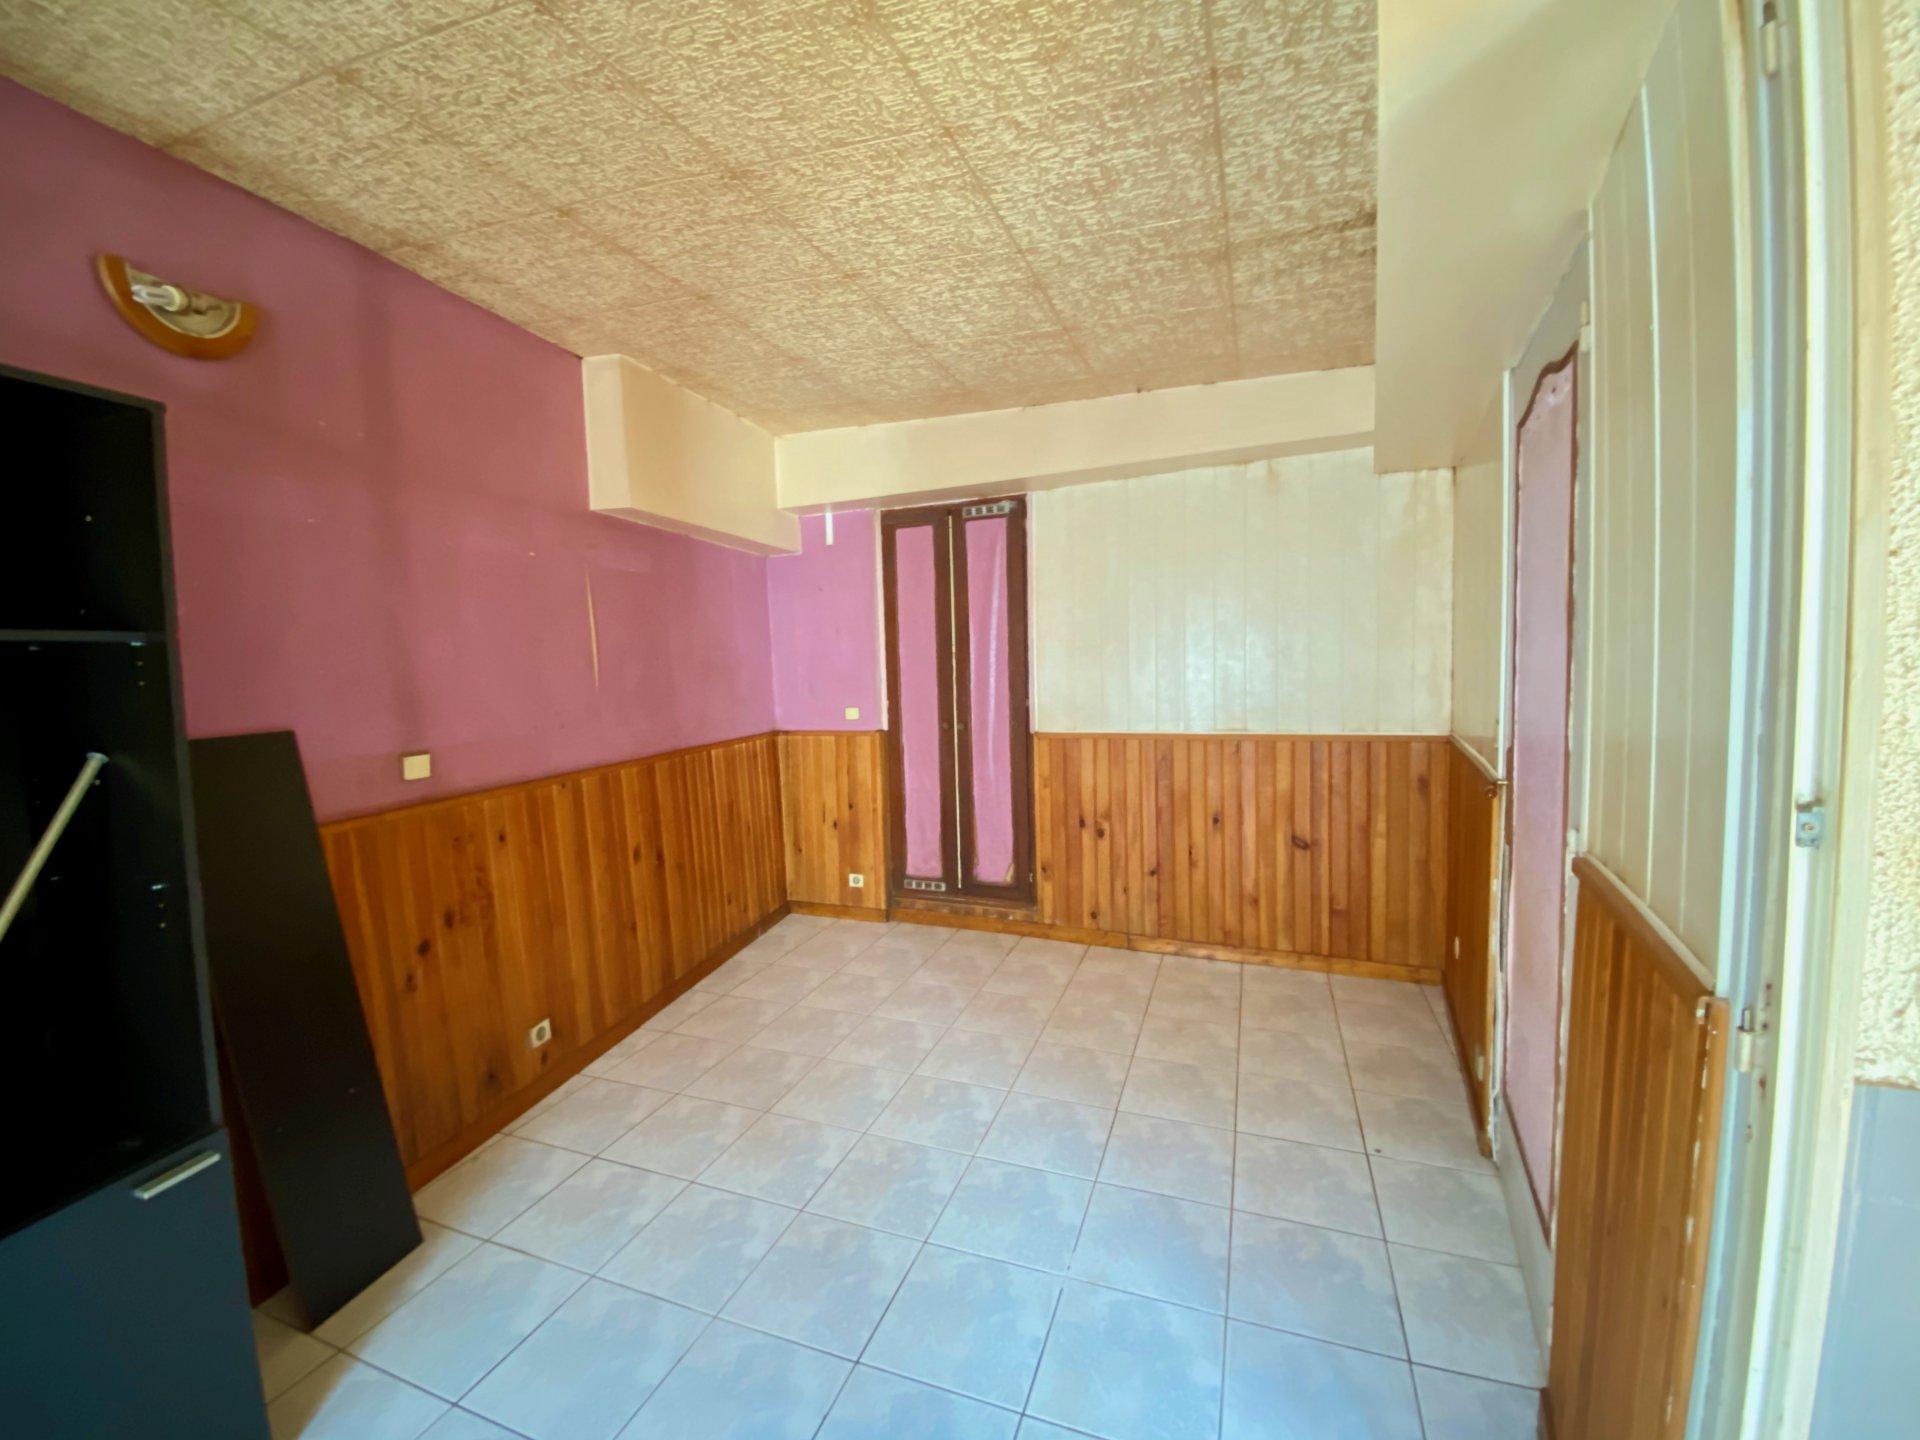 Vente Appartement de 2 pièces 37 m² - Linas 91310 | SIB LONGPONT SUR ORGE - LA VILLE DU BOIS - AR photo4